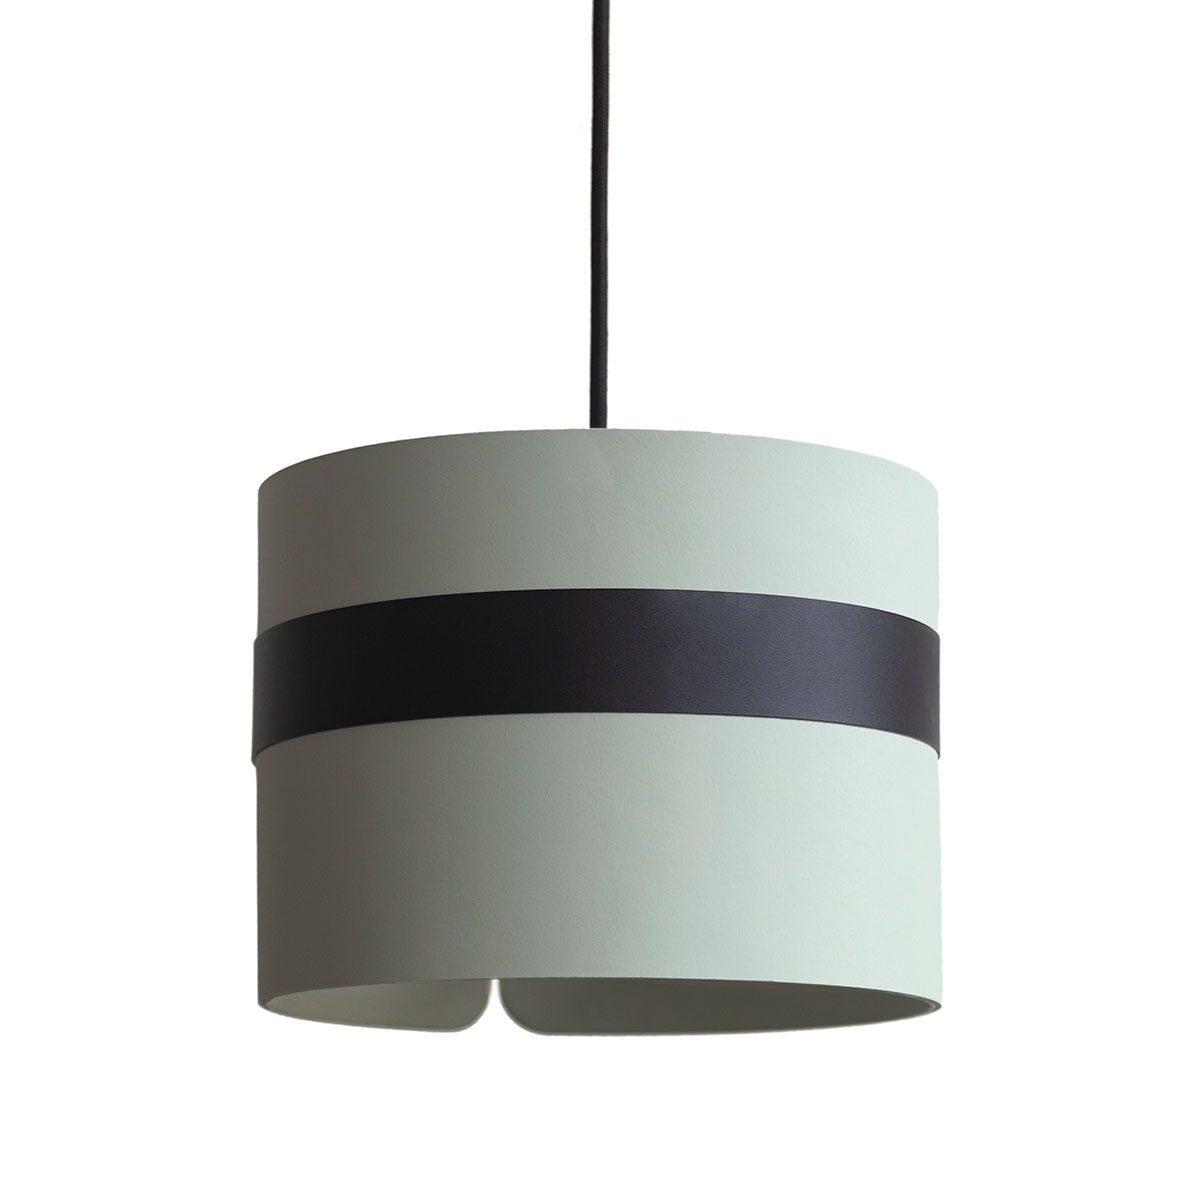 Lichtgroen Pistache Dutch Design Hanglamp Vij5 Malda Verlichting